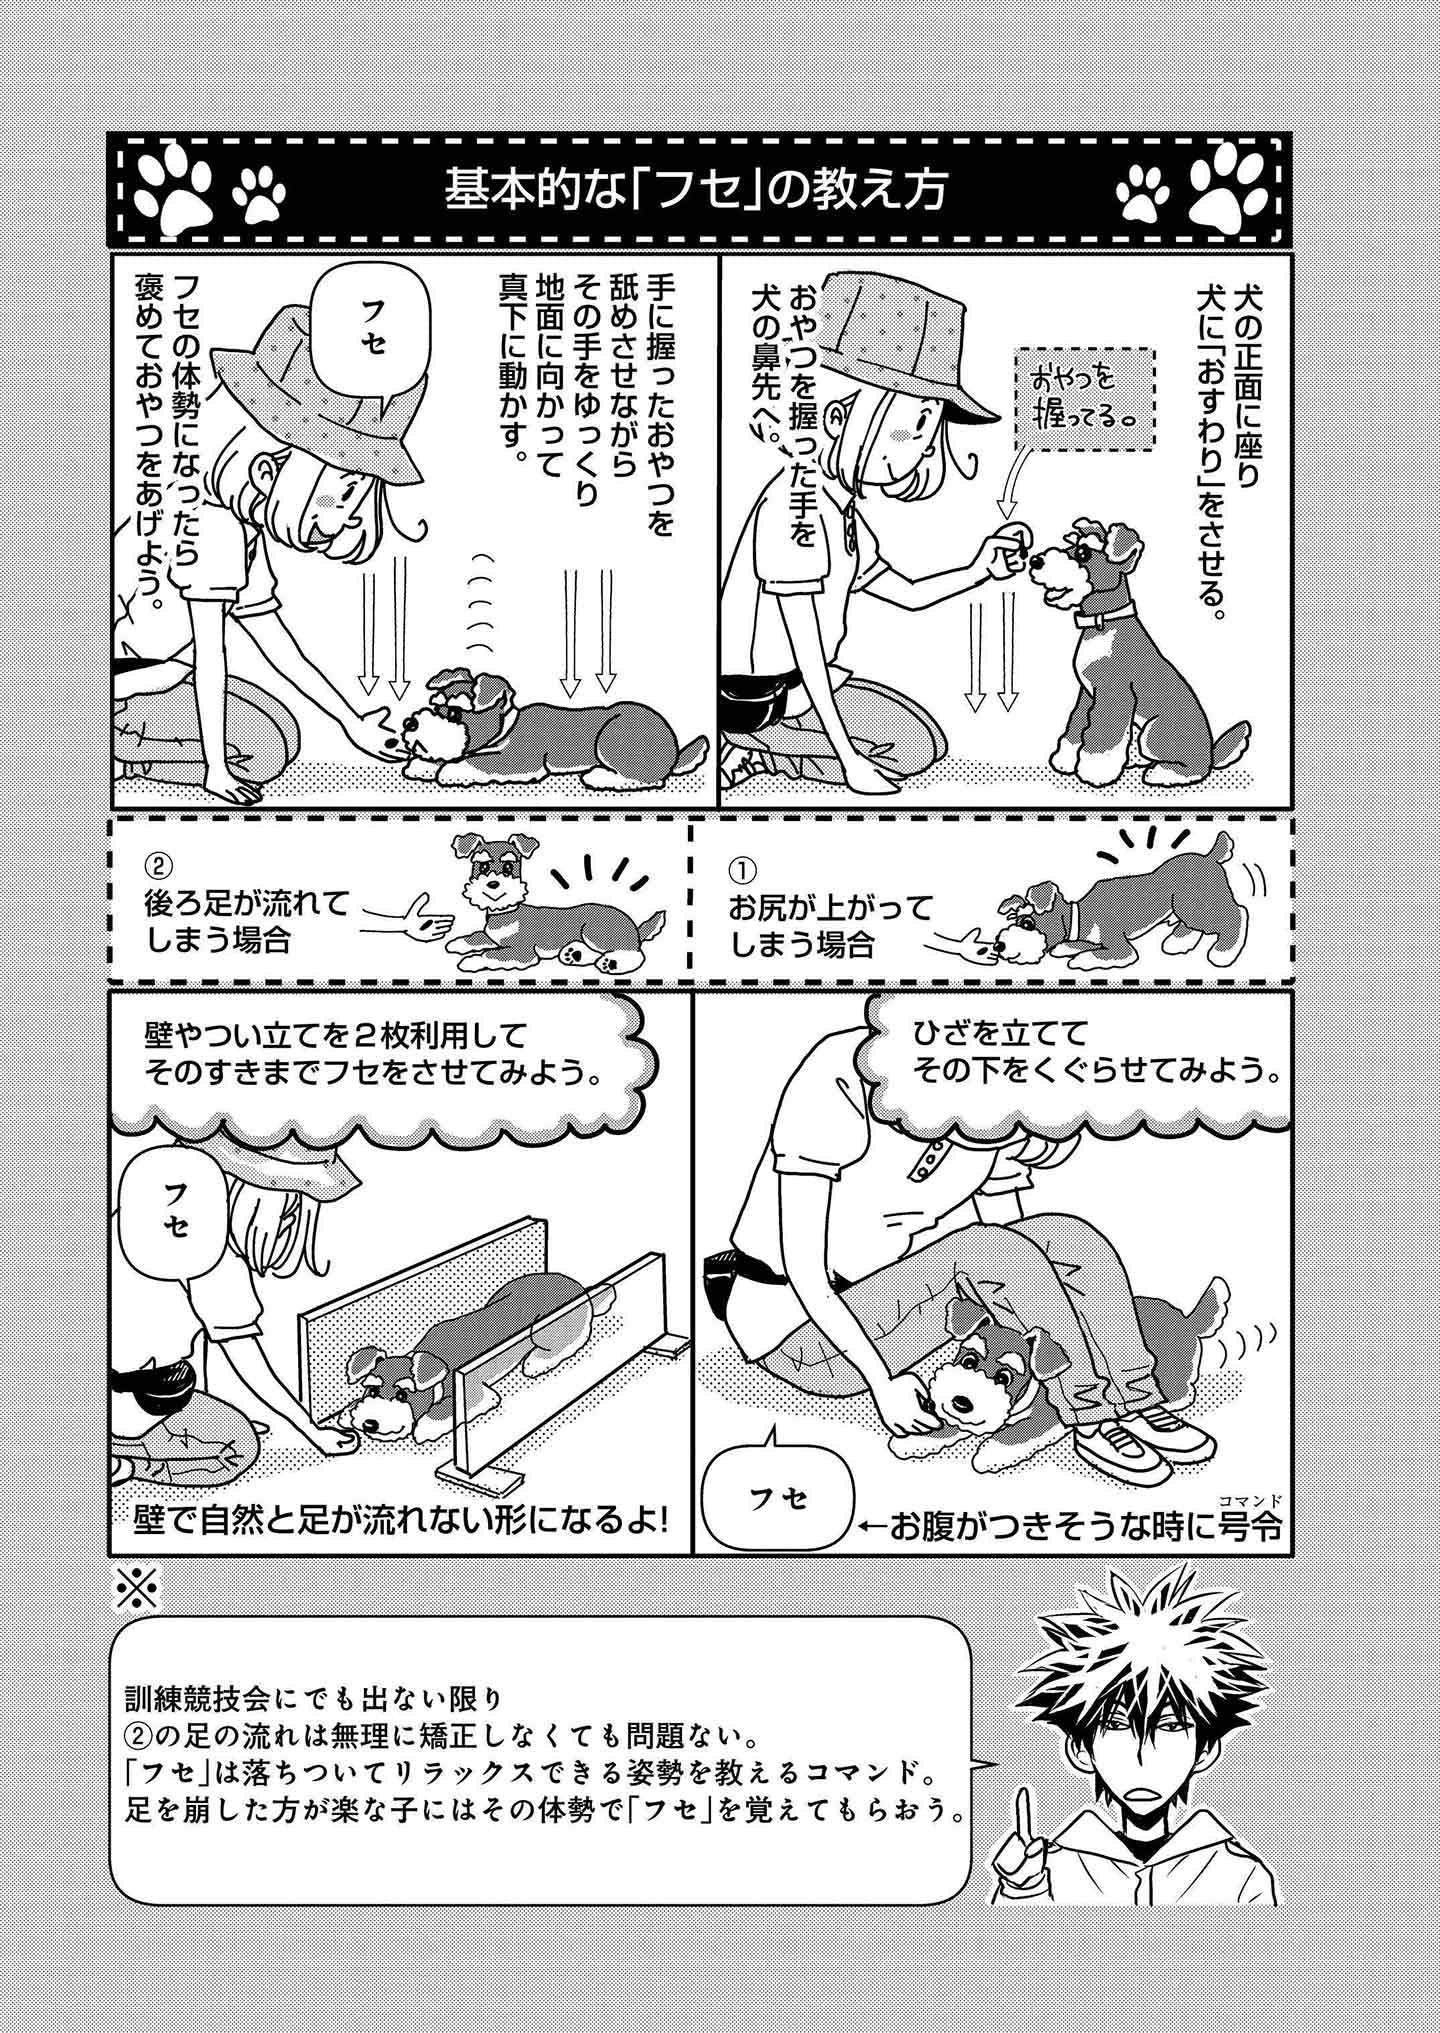 『DOG SIGNAL』12話目① 3ページ目